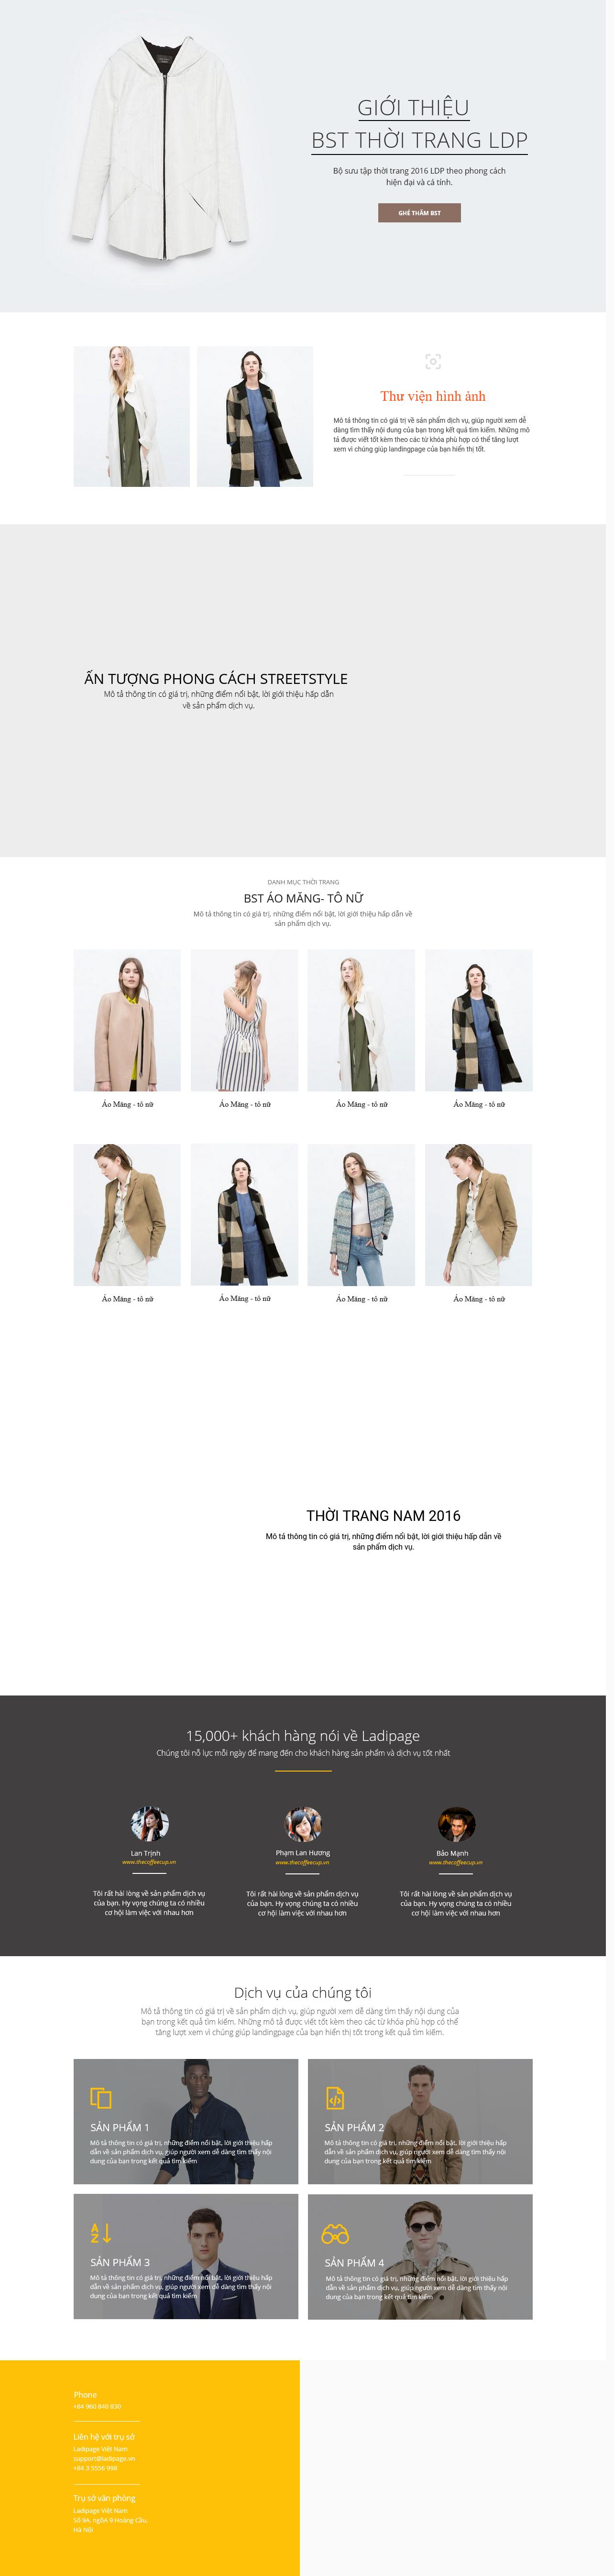 Thiết kế website Thiết kế webiste landingpage thoi-trang---phu-kien Thời trang 02